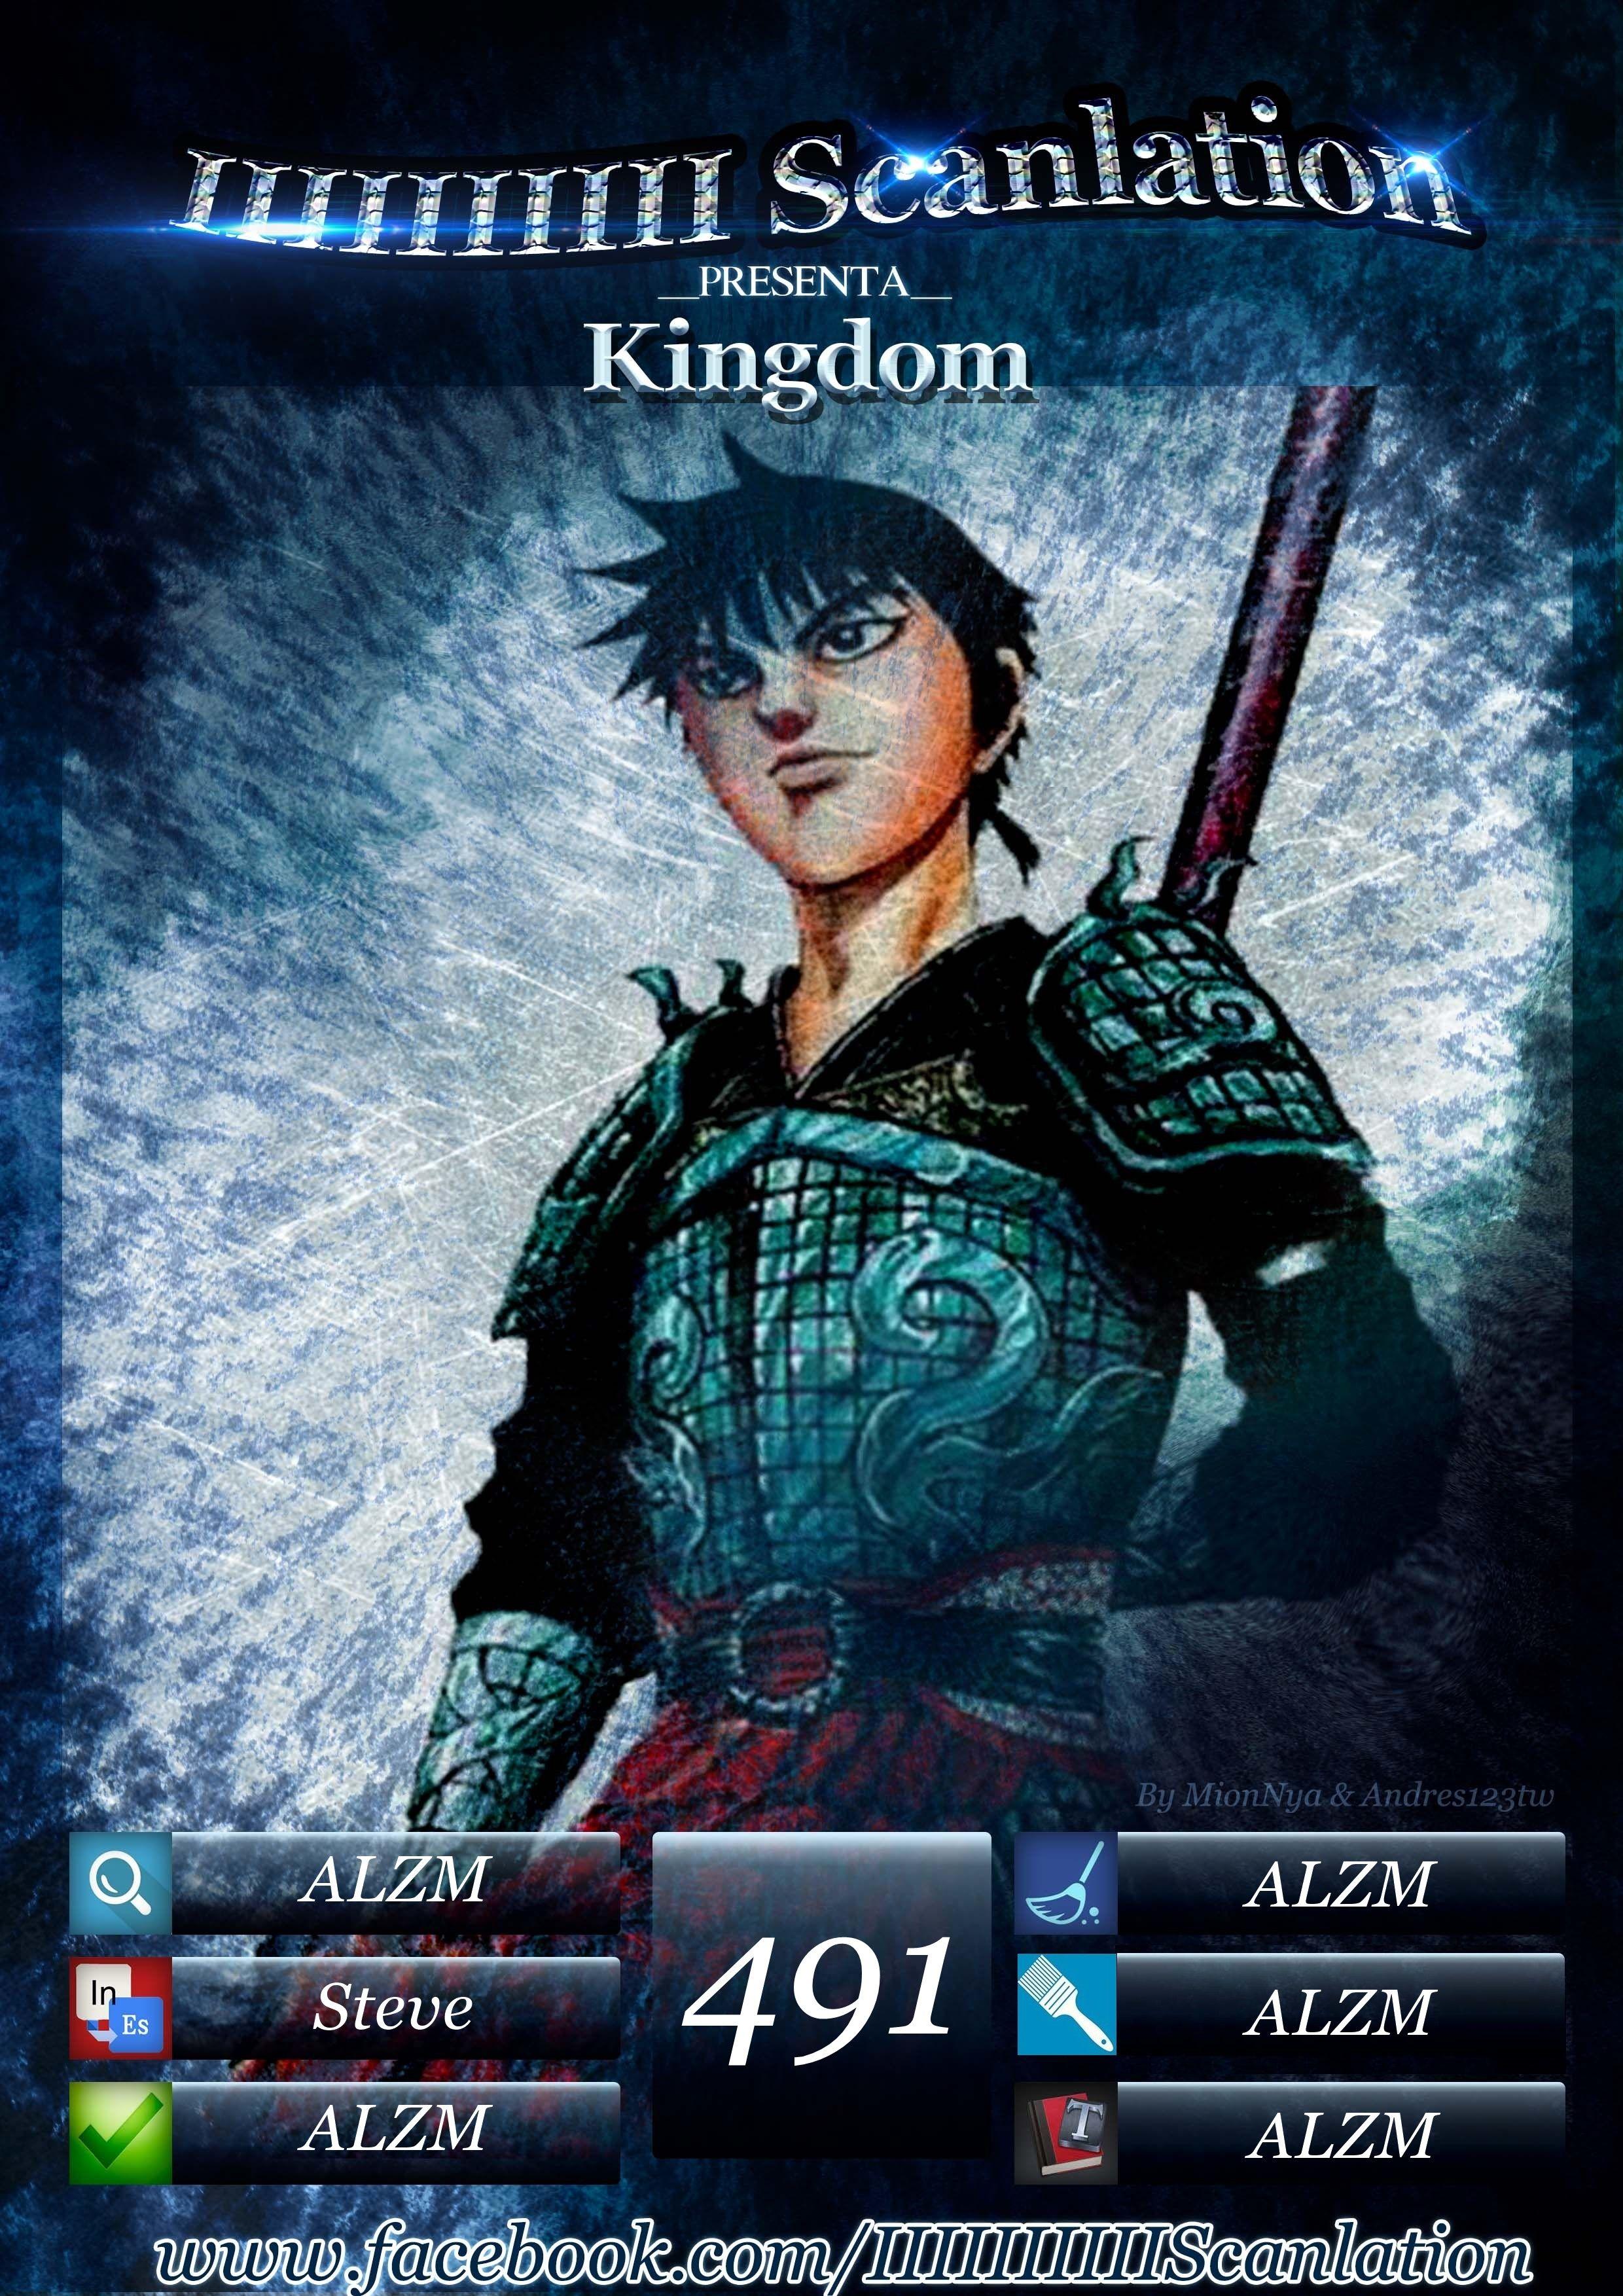 http://c5.ninemanga.com/es_manga/pic2/19/12307/511583/1b9968f6ea6847444cebc7352c377e88.jpg Page 2